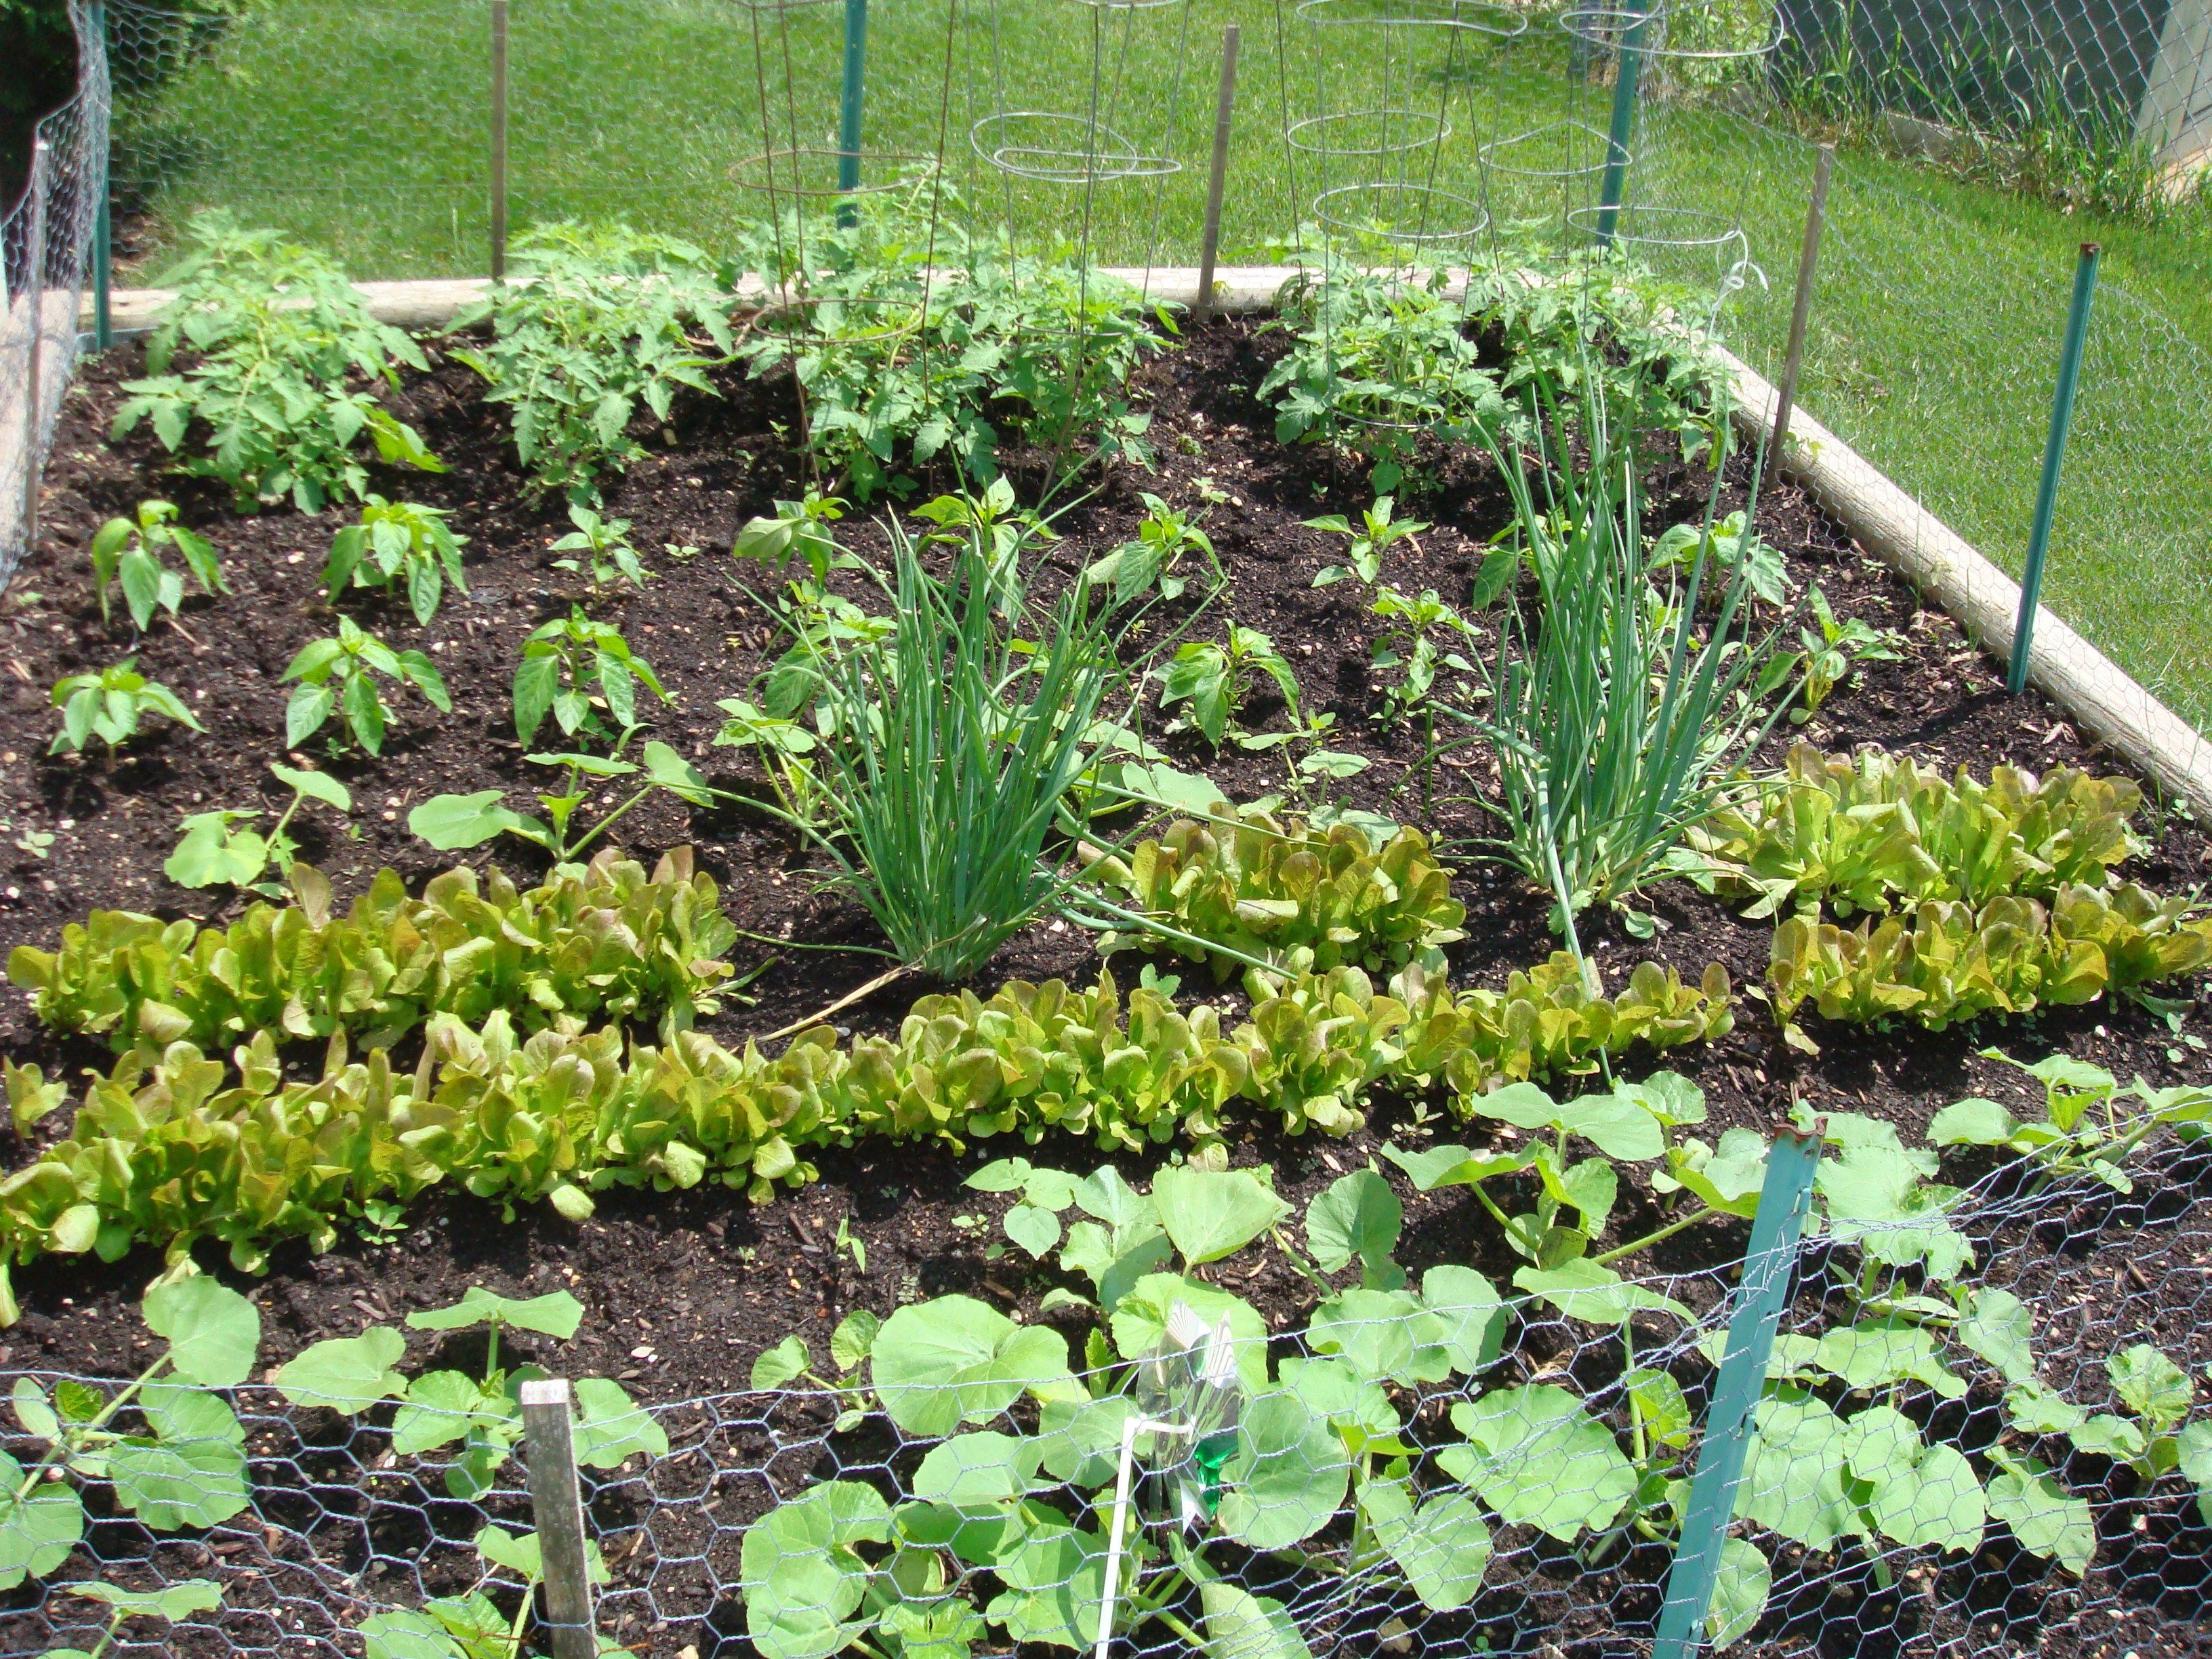 5x5 garden plot | Flowers Gleam and Glow | Pinterest | Gardens ...